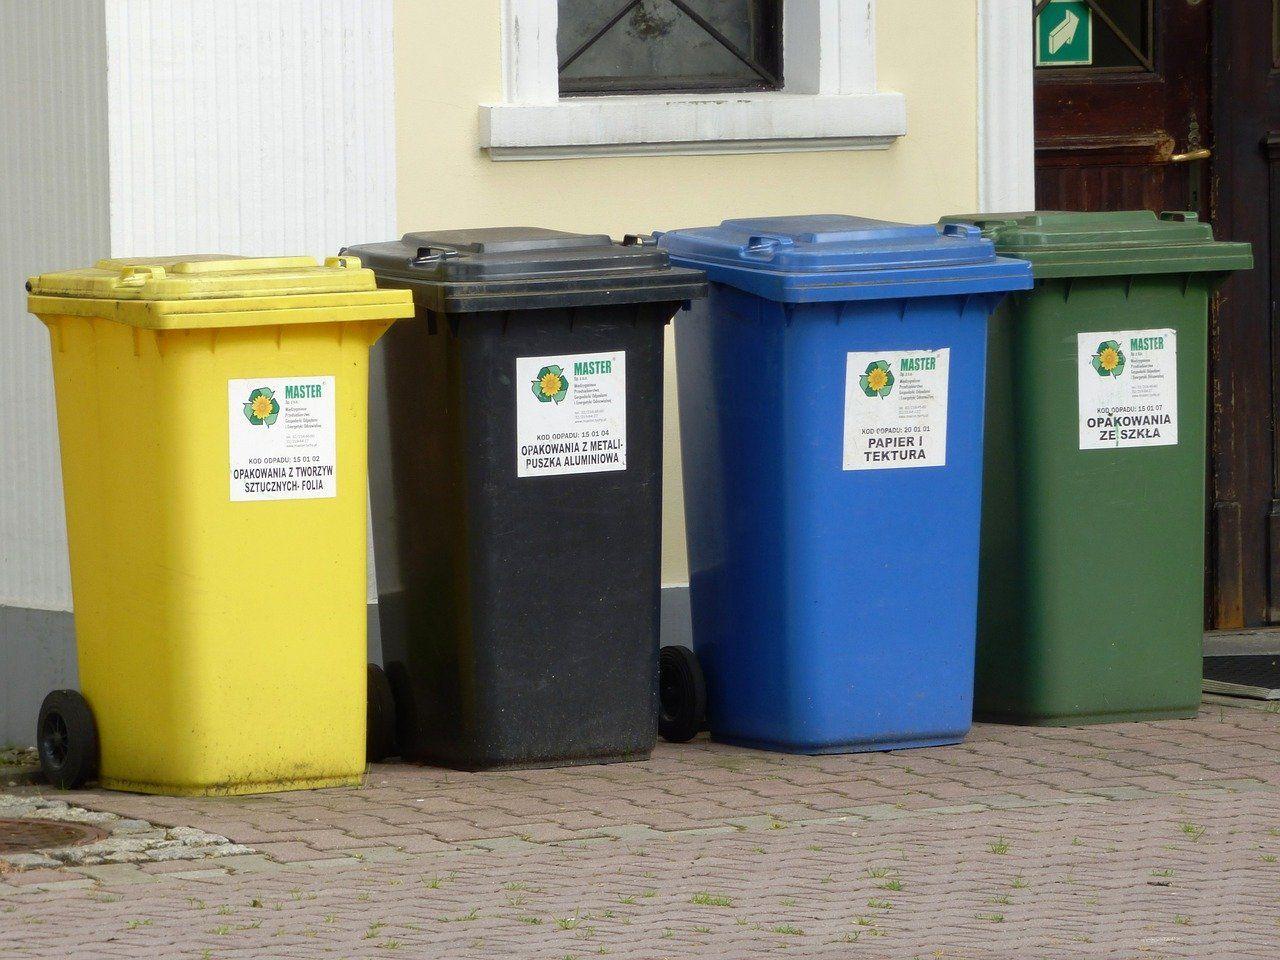 ¿Dónde contratar contenedores de residuos urbanos?